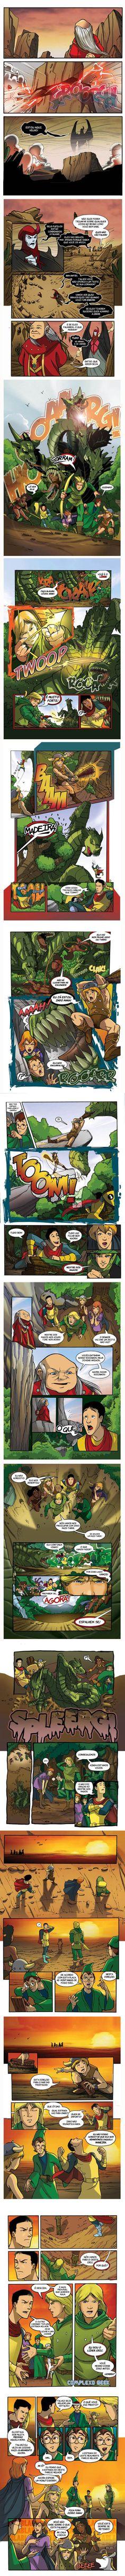 PARTE 1 O último episódio de A Caverna do Dragão